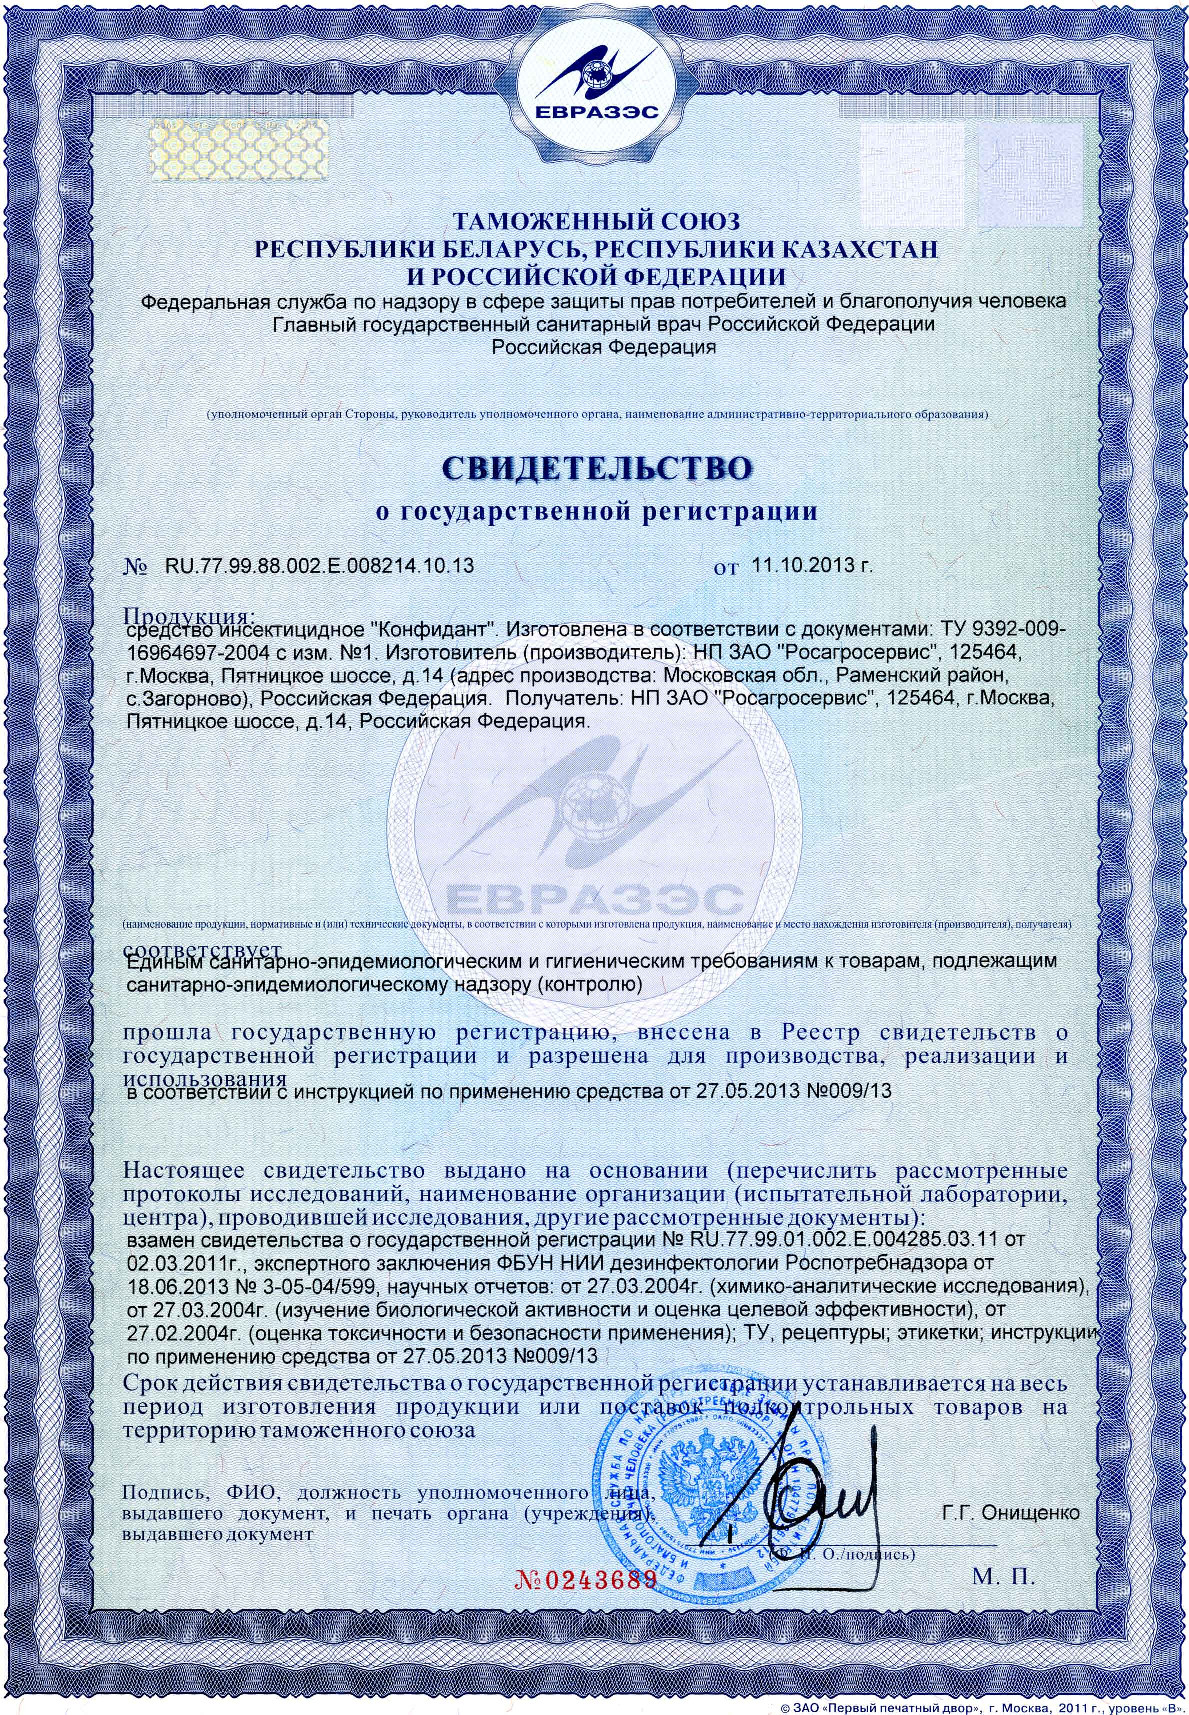 КОНФИДАНТ – свидетельство о гос. регистрации